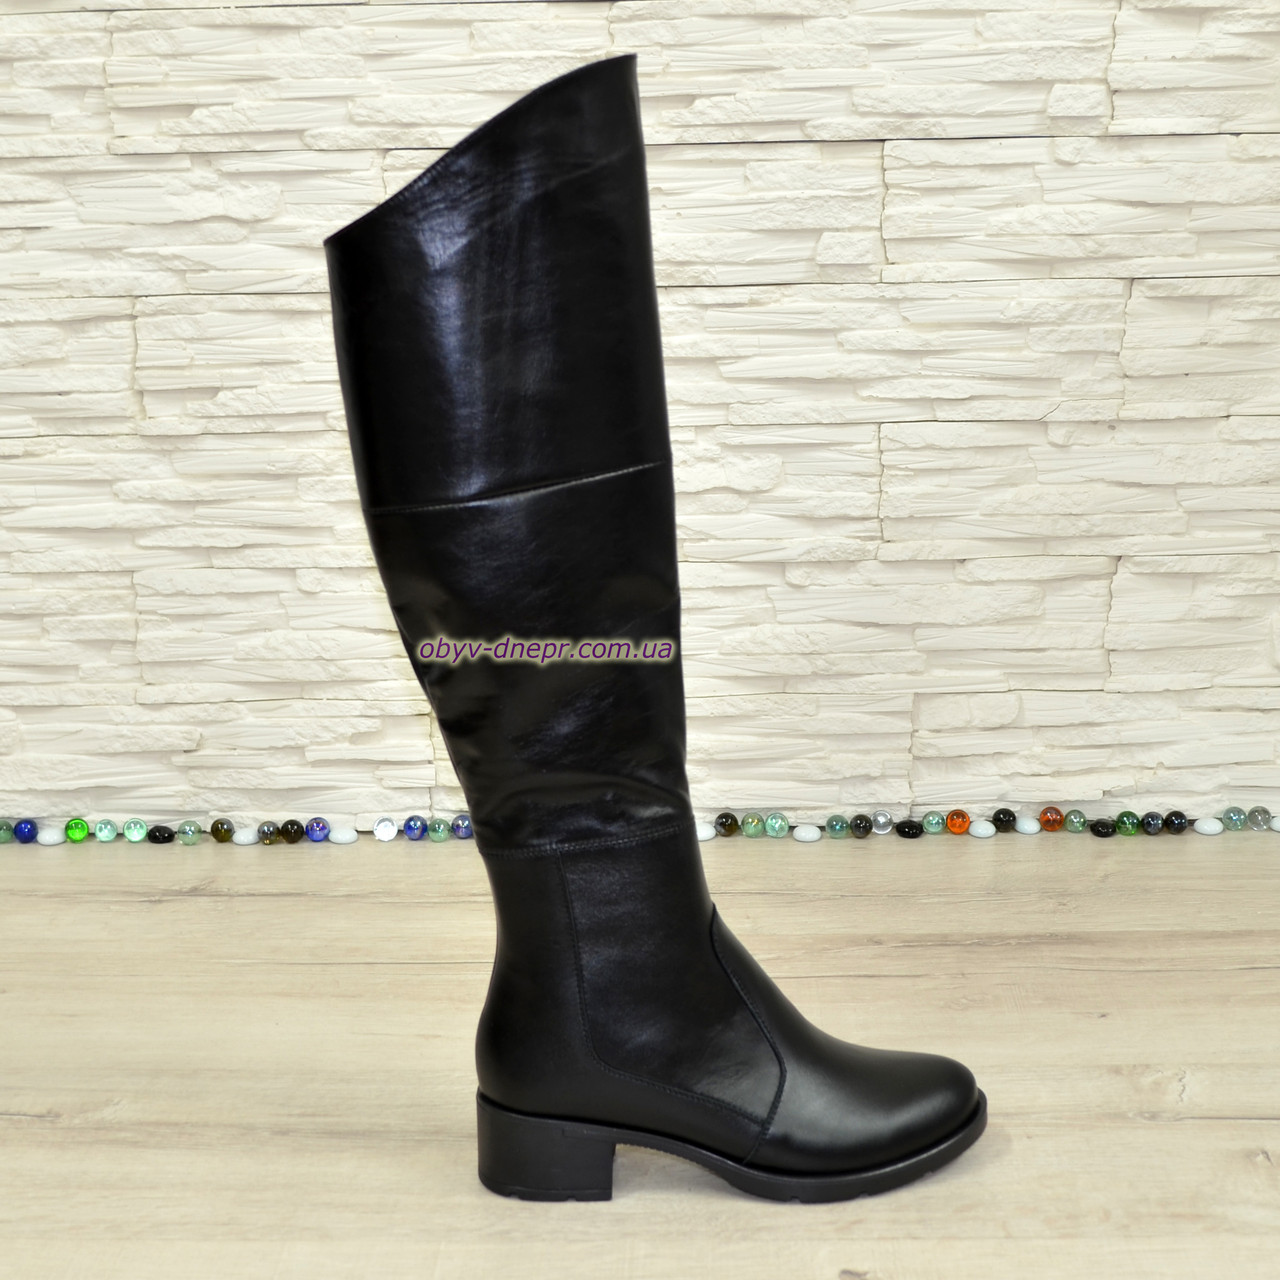 Женские зимние кожаные ботфорты на устойчивом каблуке